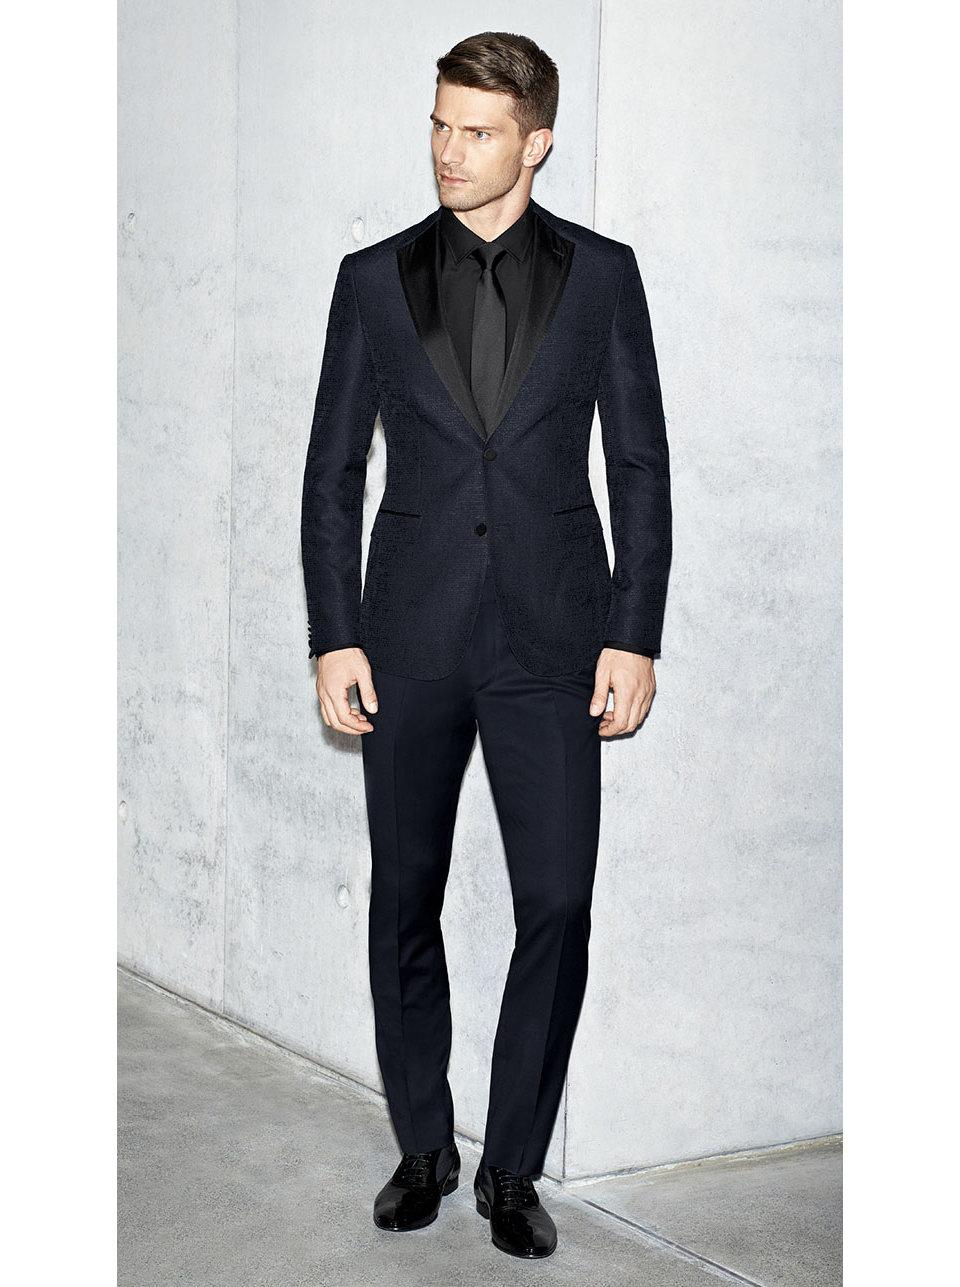 Le mannequin porte une veste decostume noire et bleueBOSS